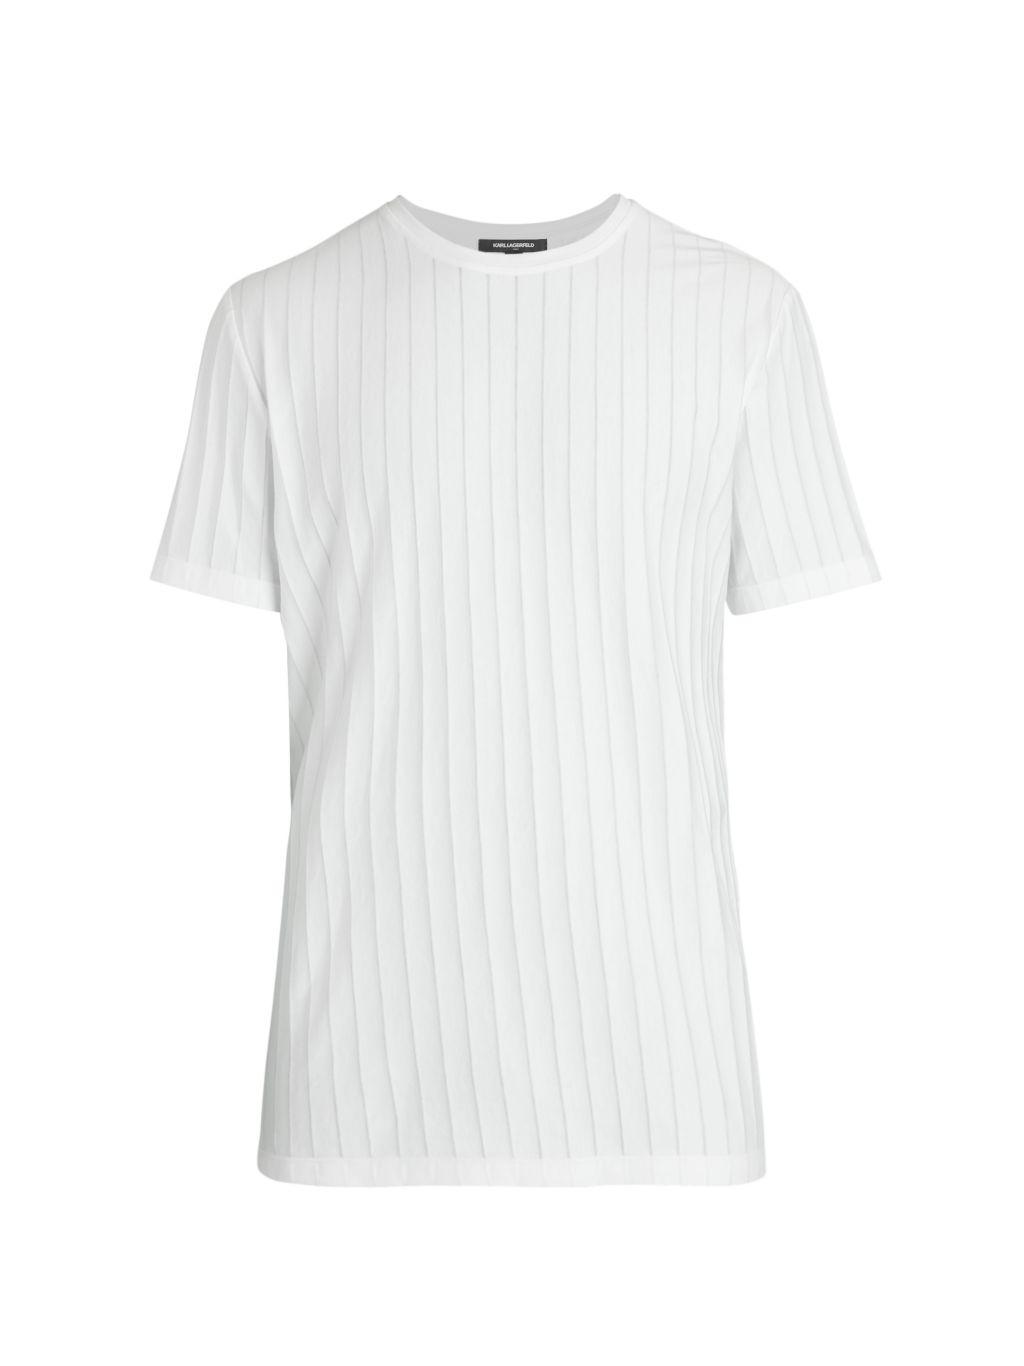 Karl Lagerfeld Paris Shadow Stripe T-Shirt